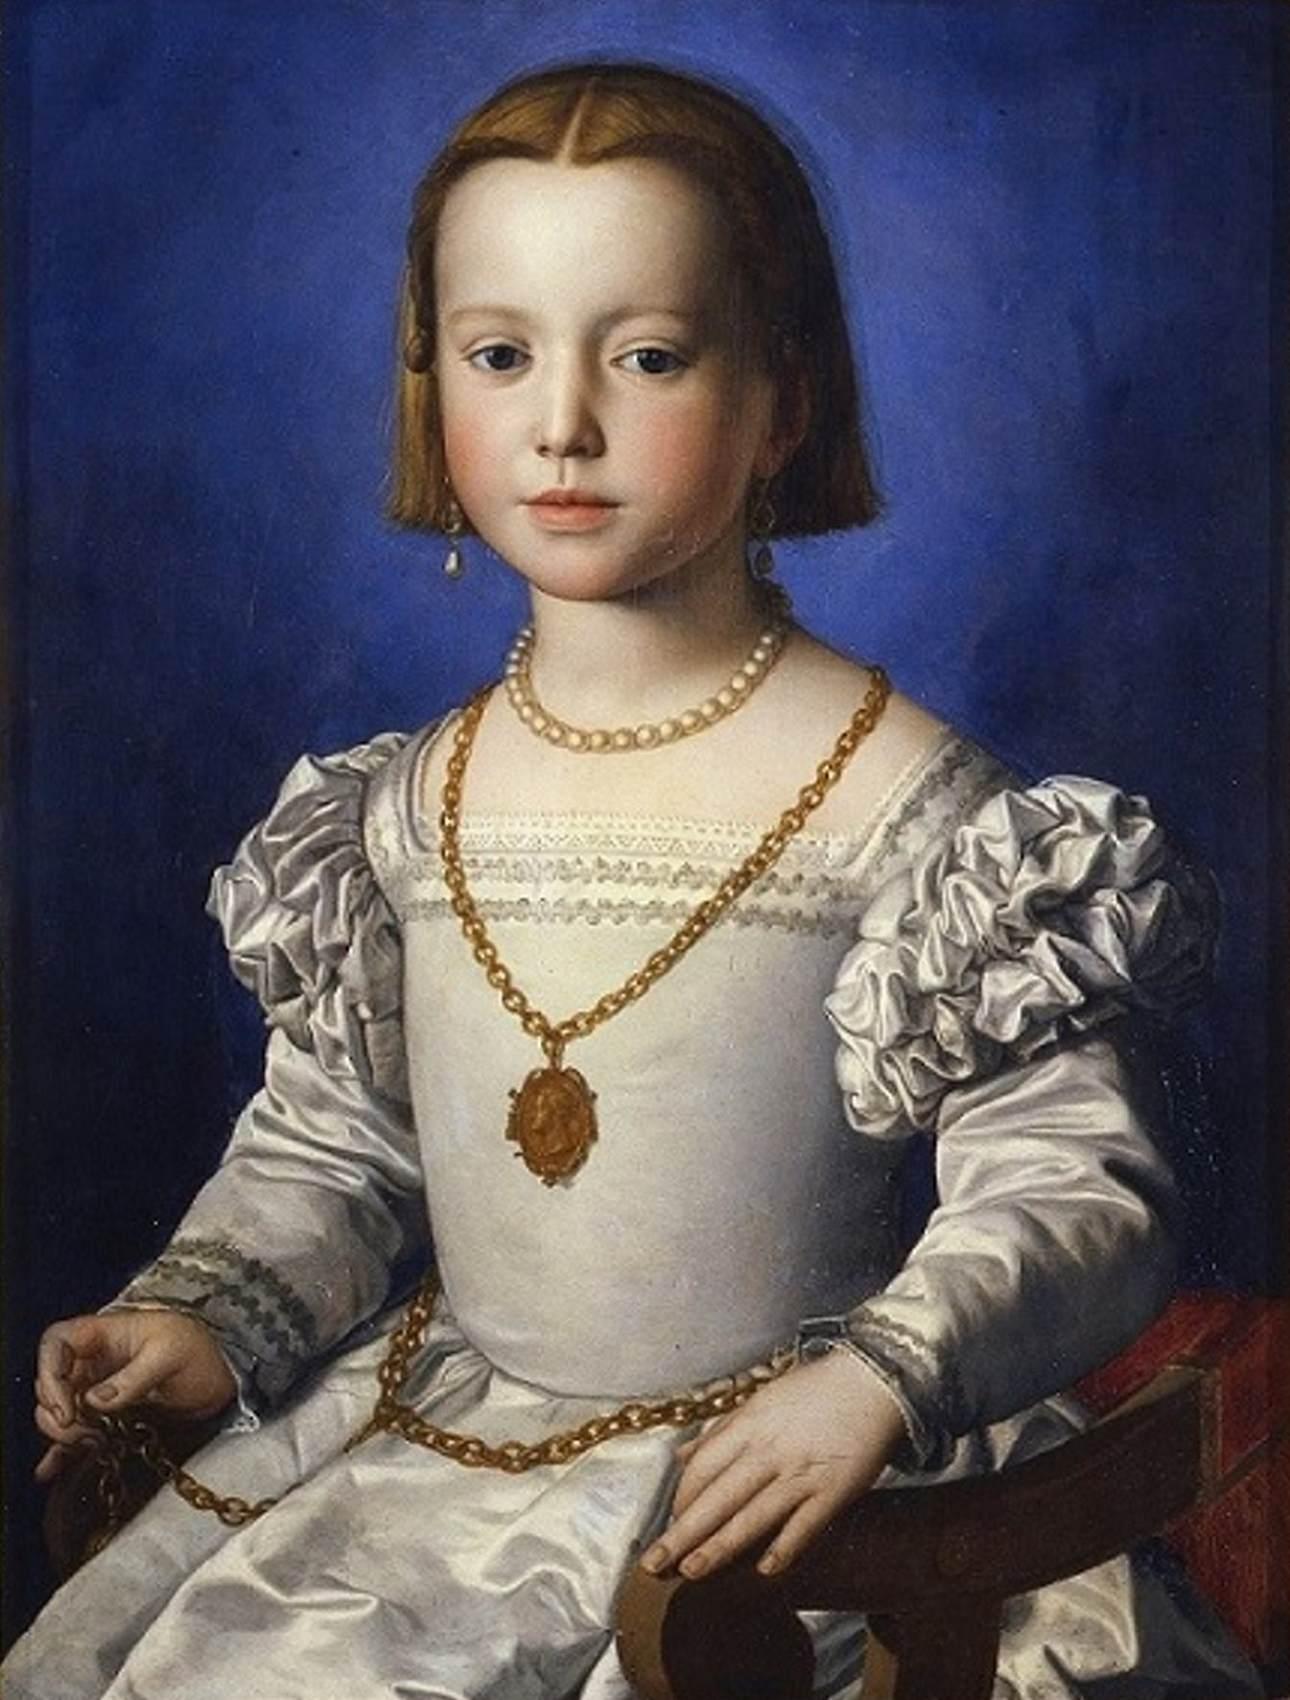 Agnolo Bronzino - Retrato de Bia, filha ilegítima de Cosimo de Medici